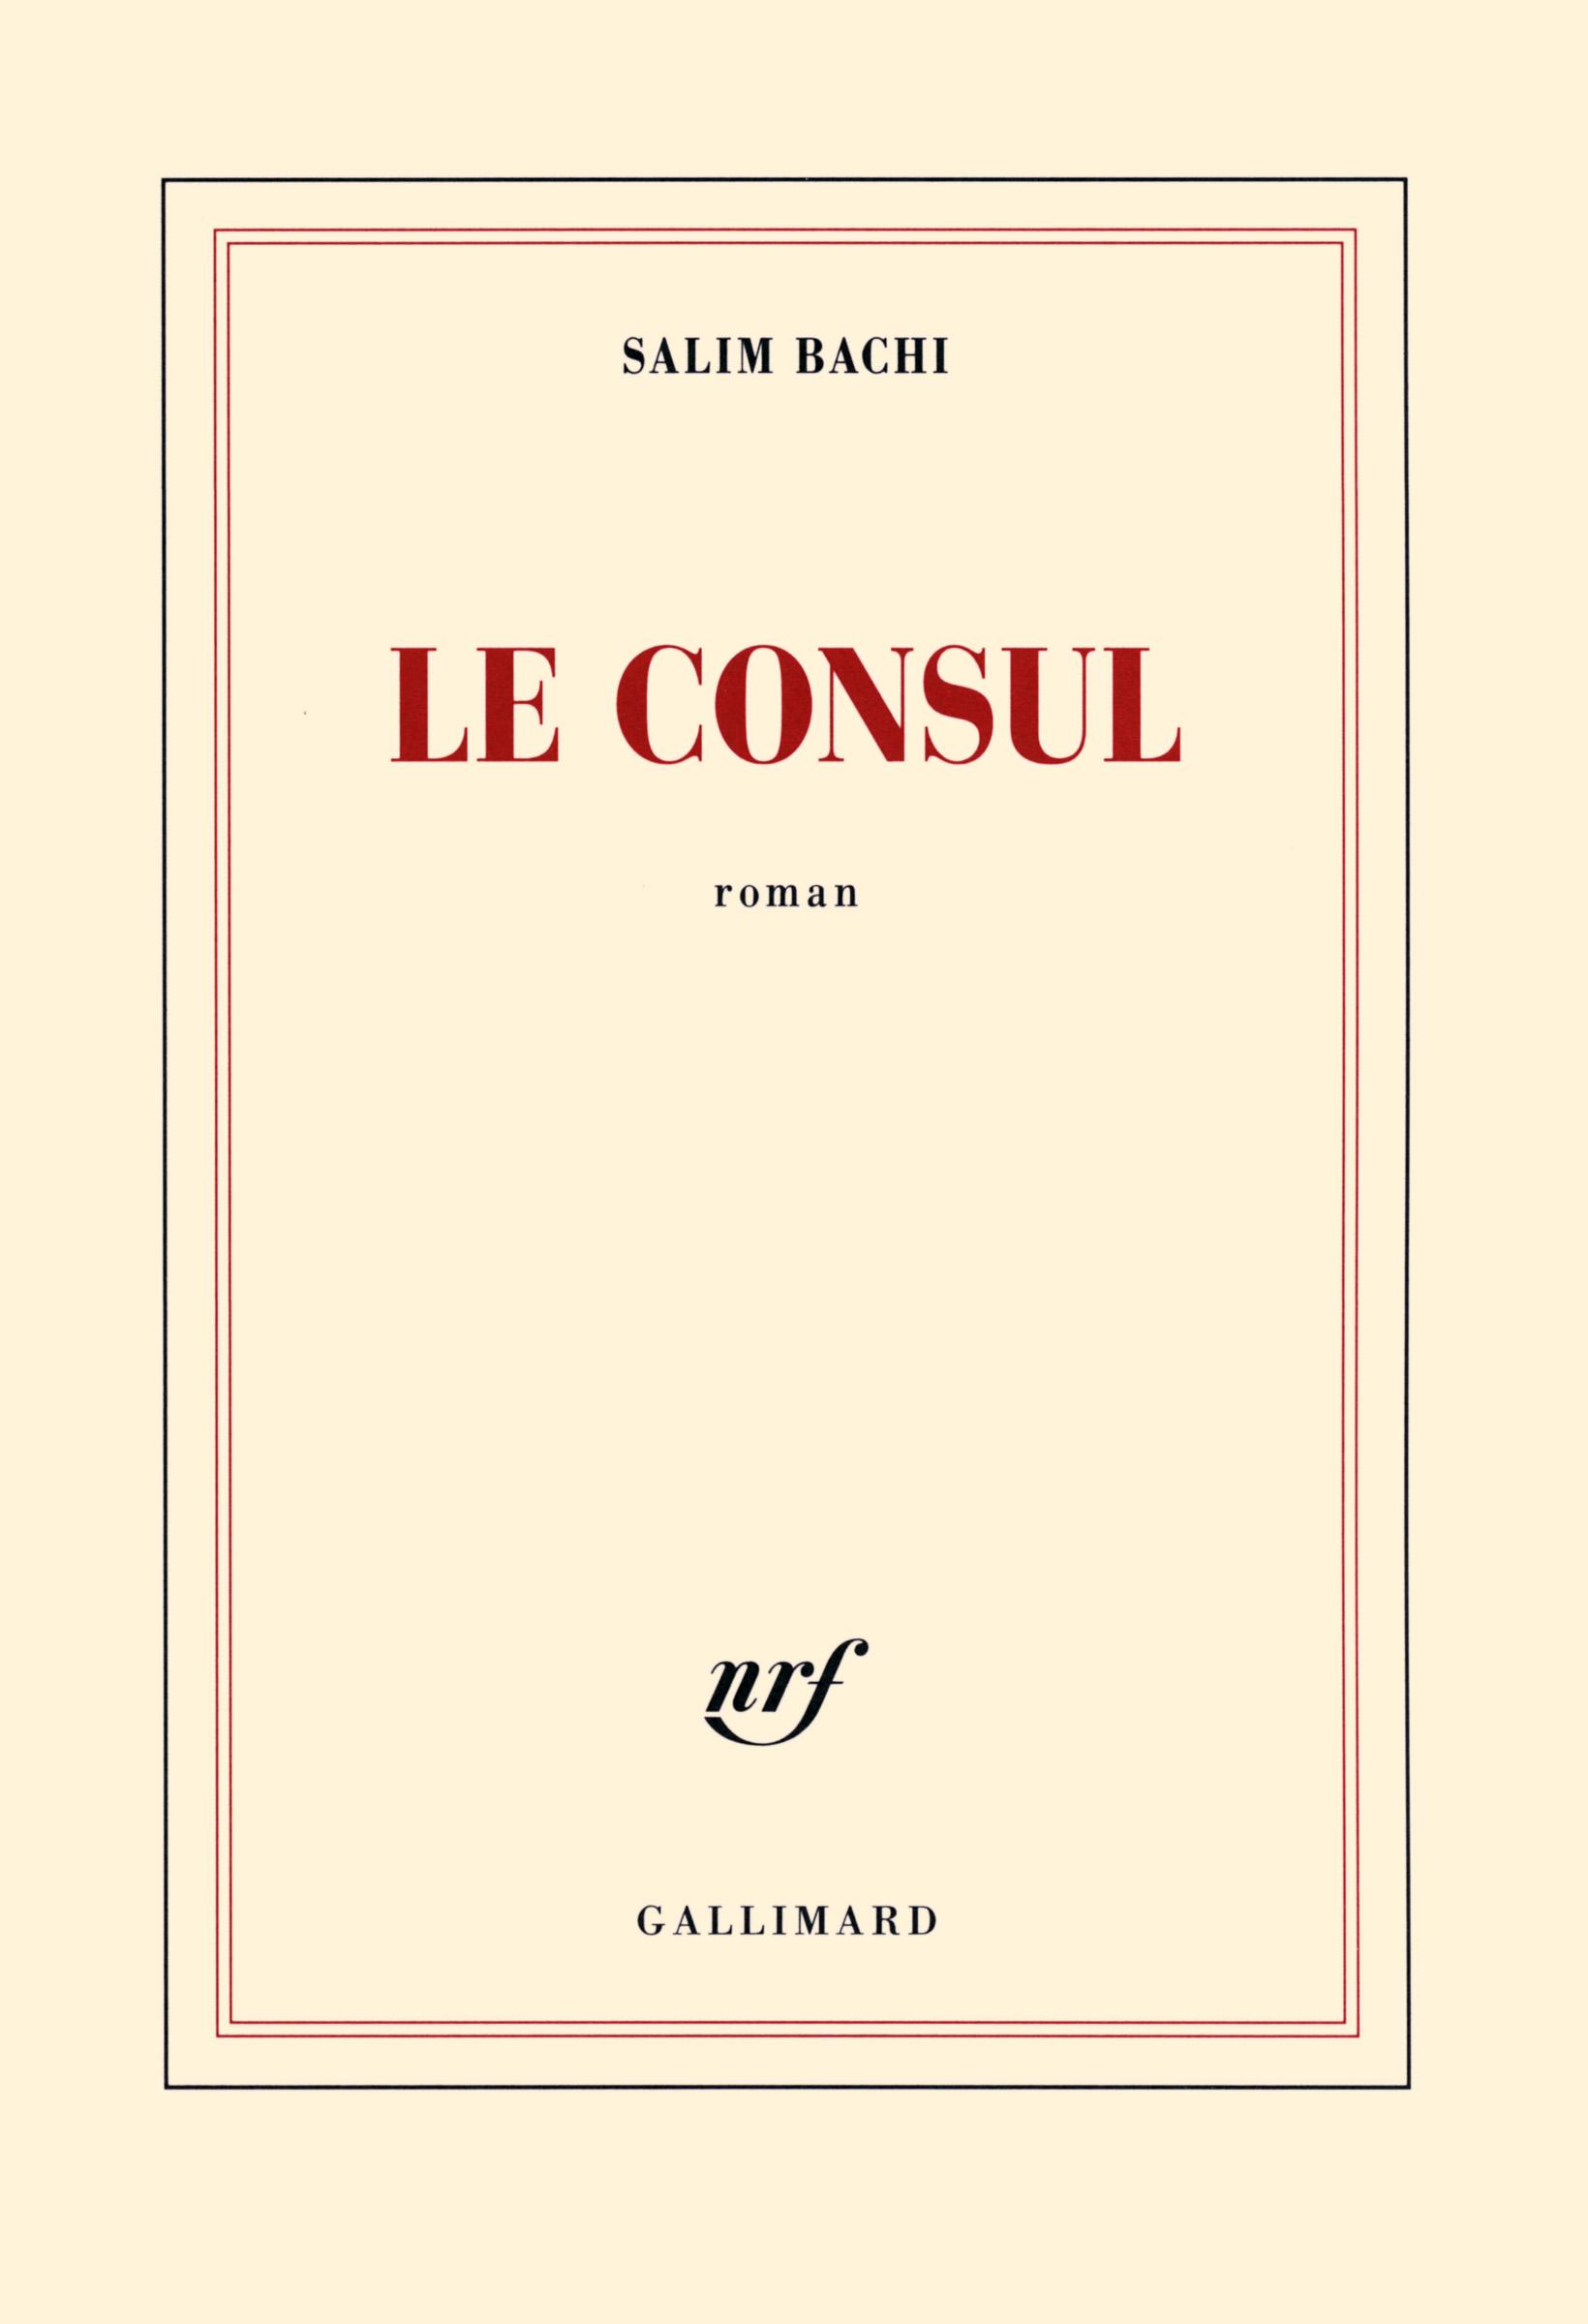 Le Consul Blanche Gallimard Site Gallimard